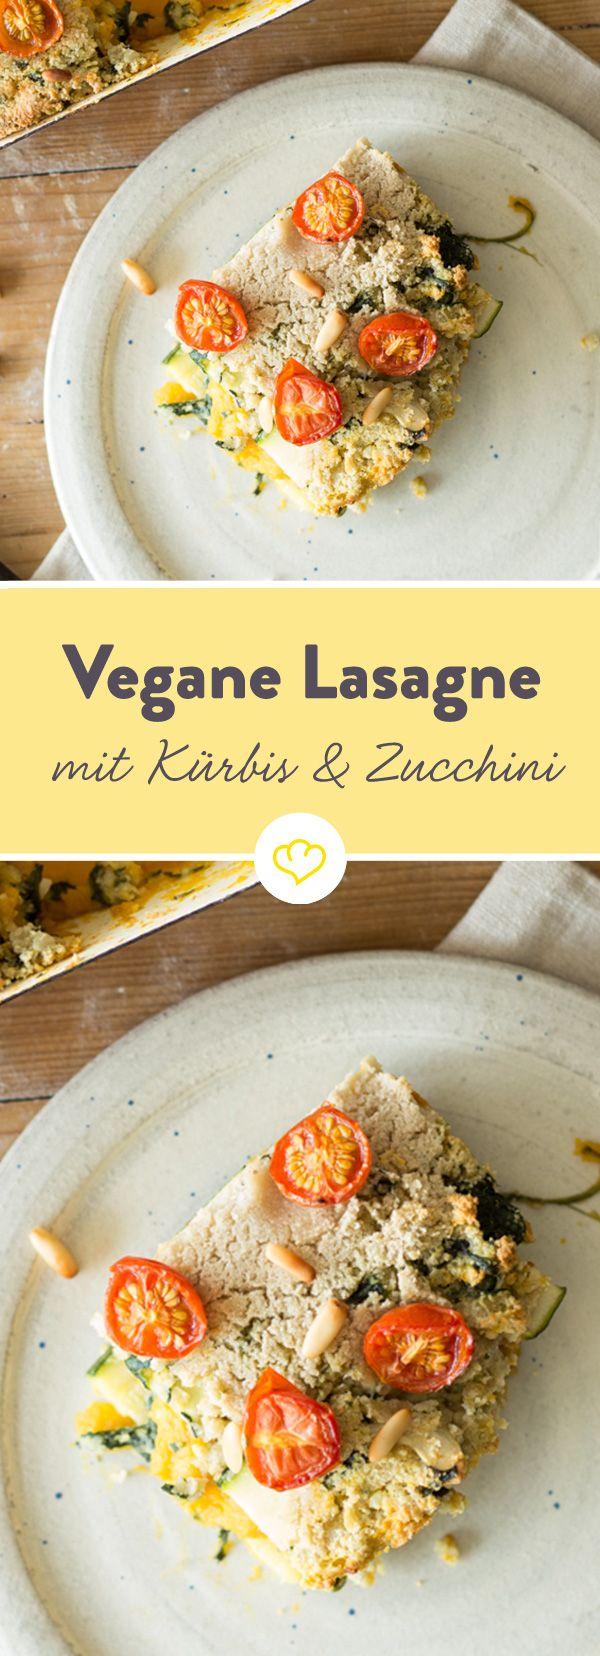 Unsere Kürbis-Zucchini-Lasagne ist vegan und glutenfrei, die leckere Spinat-Cashewcreme ersetzt Ricotta und Co.